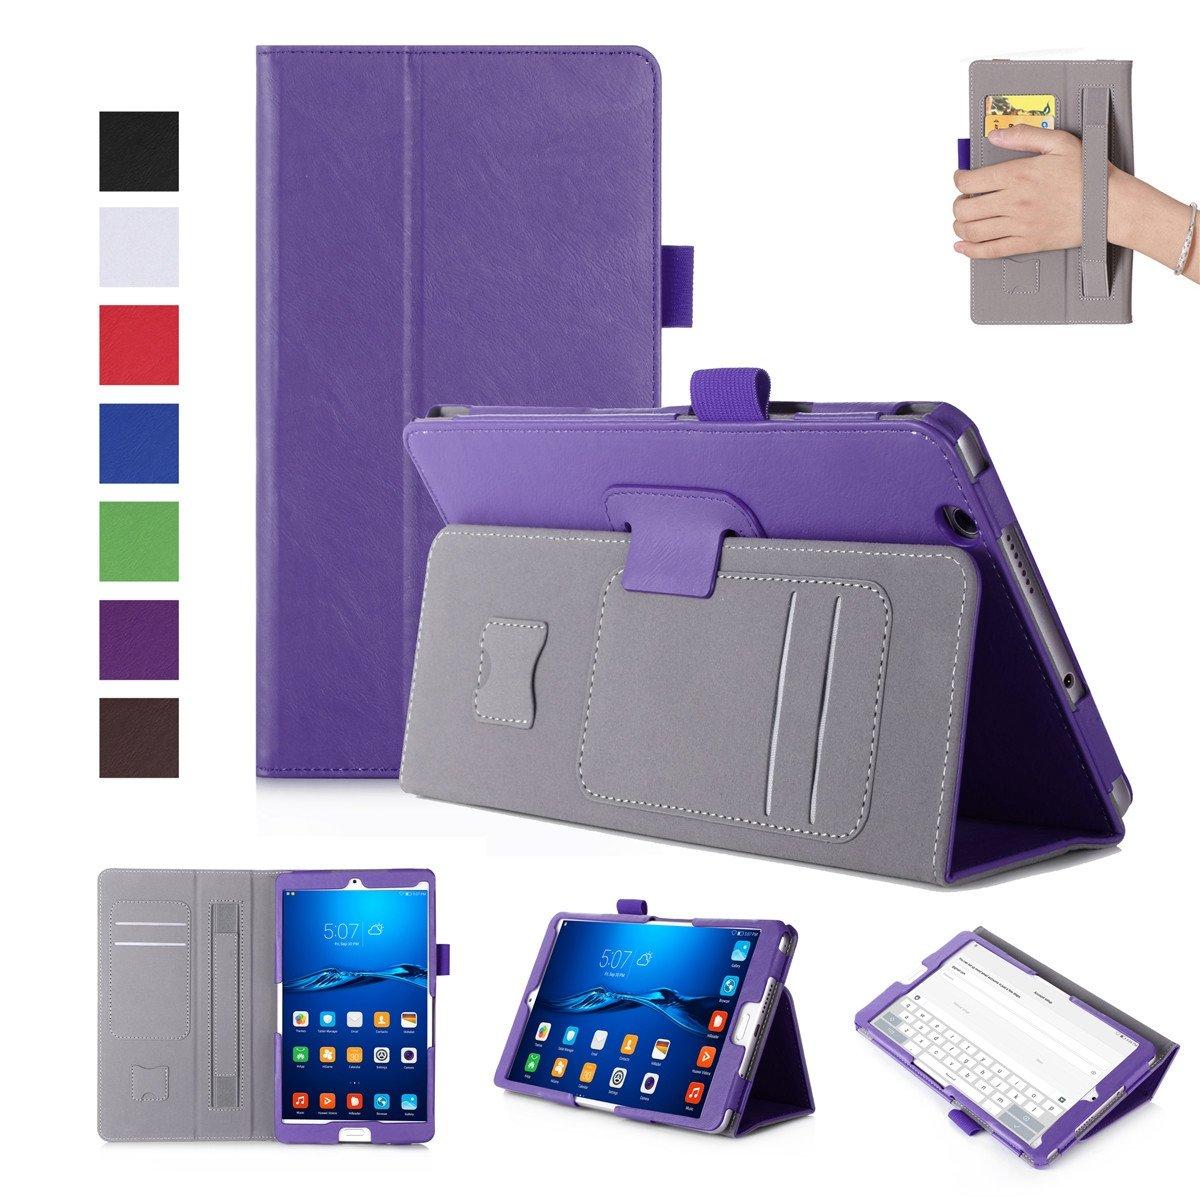 Huawei MediaPad M3 8.4インチケース 高級本革ケース スタンド付き フリップカバー ハンドメイド Huawei MediaPad M3 8.4インチ用 パープル   B07LCK268R